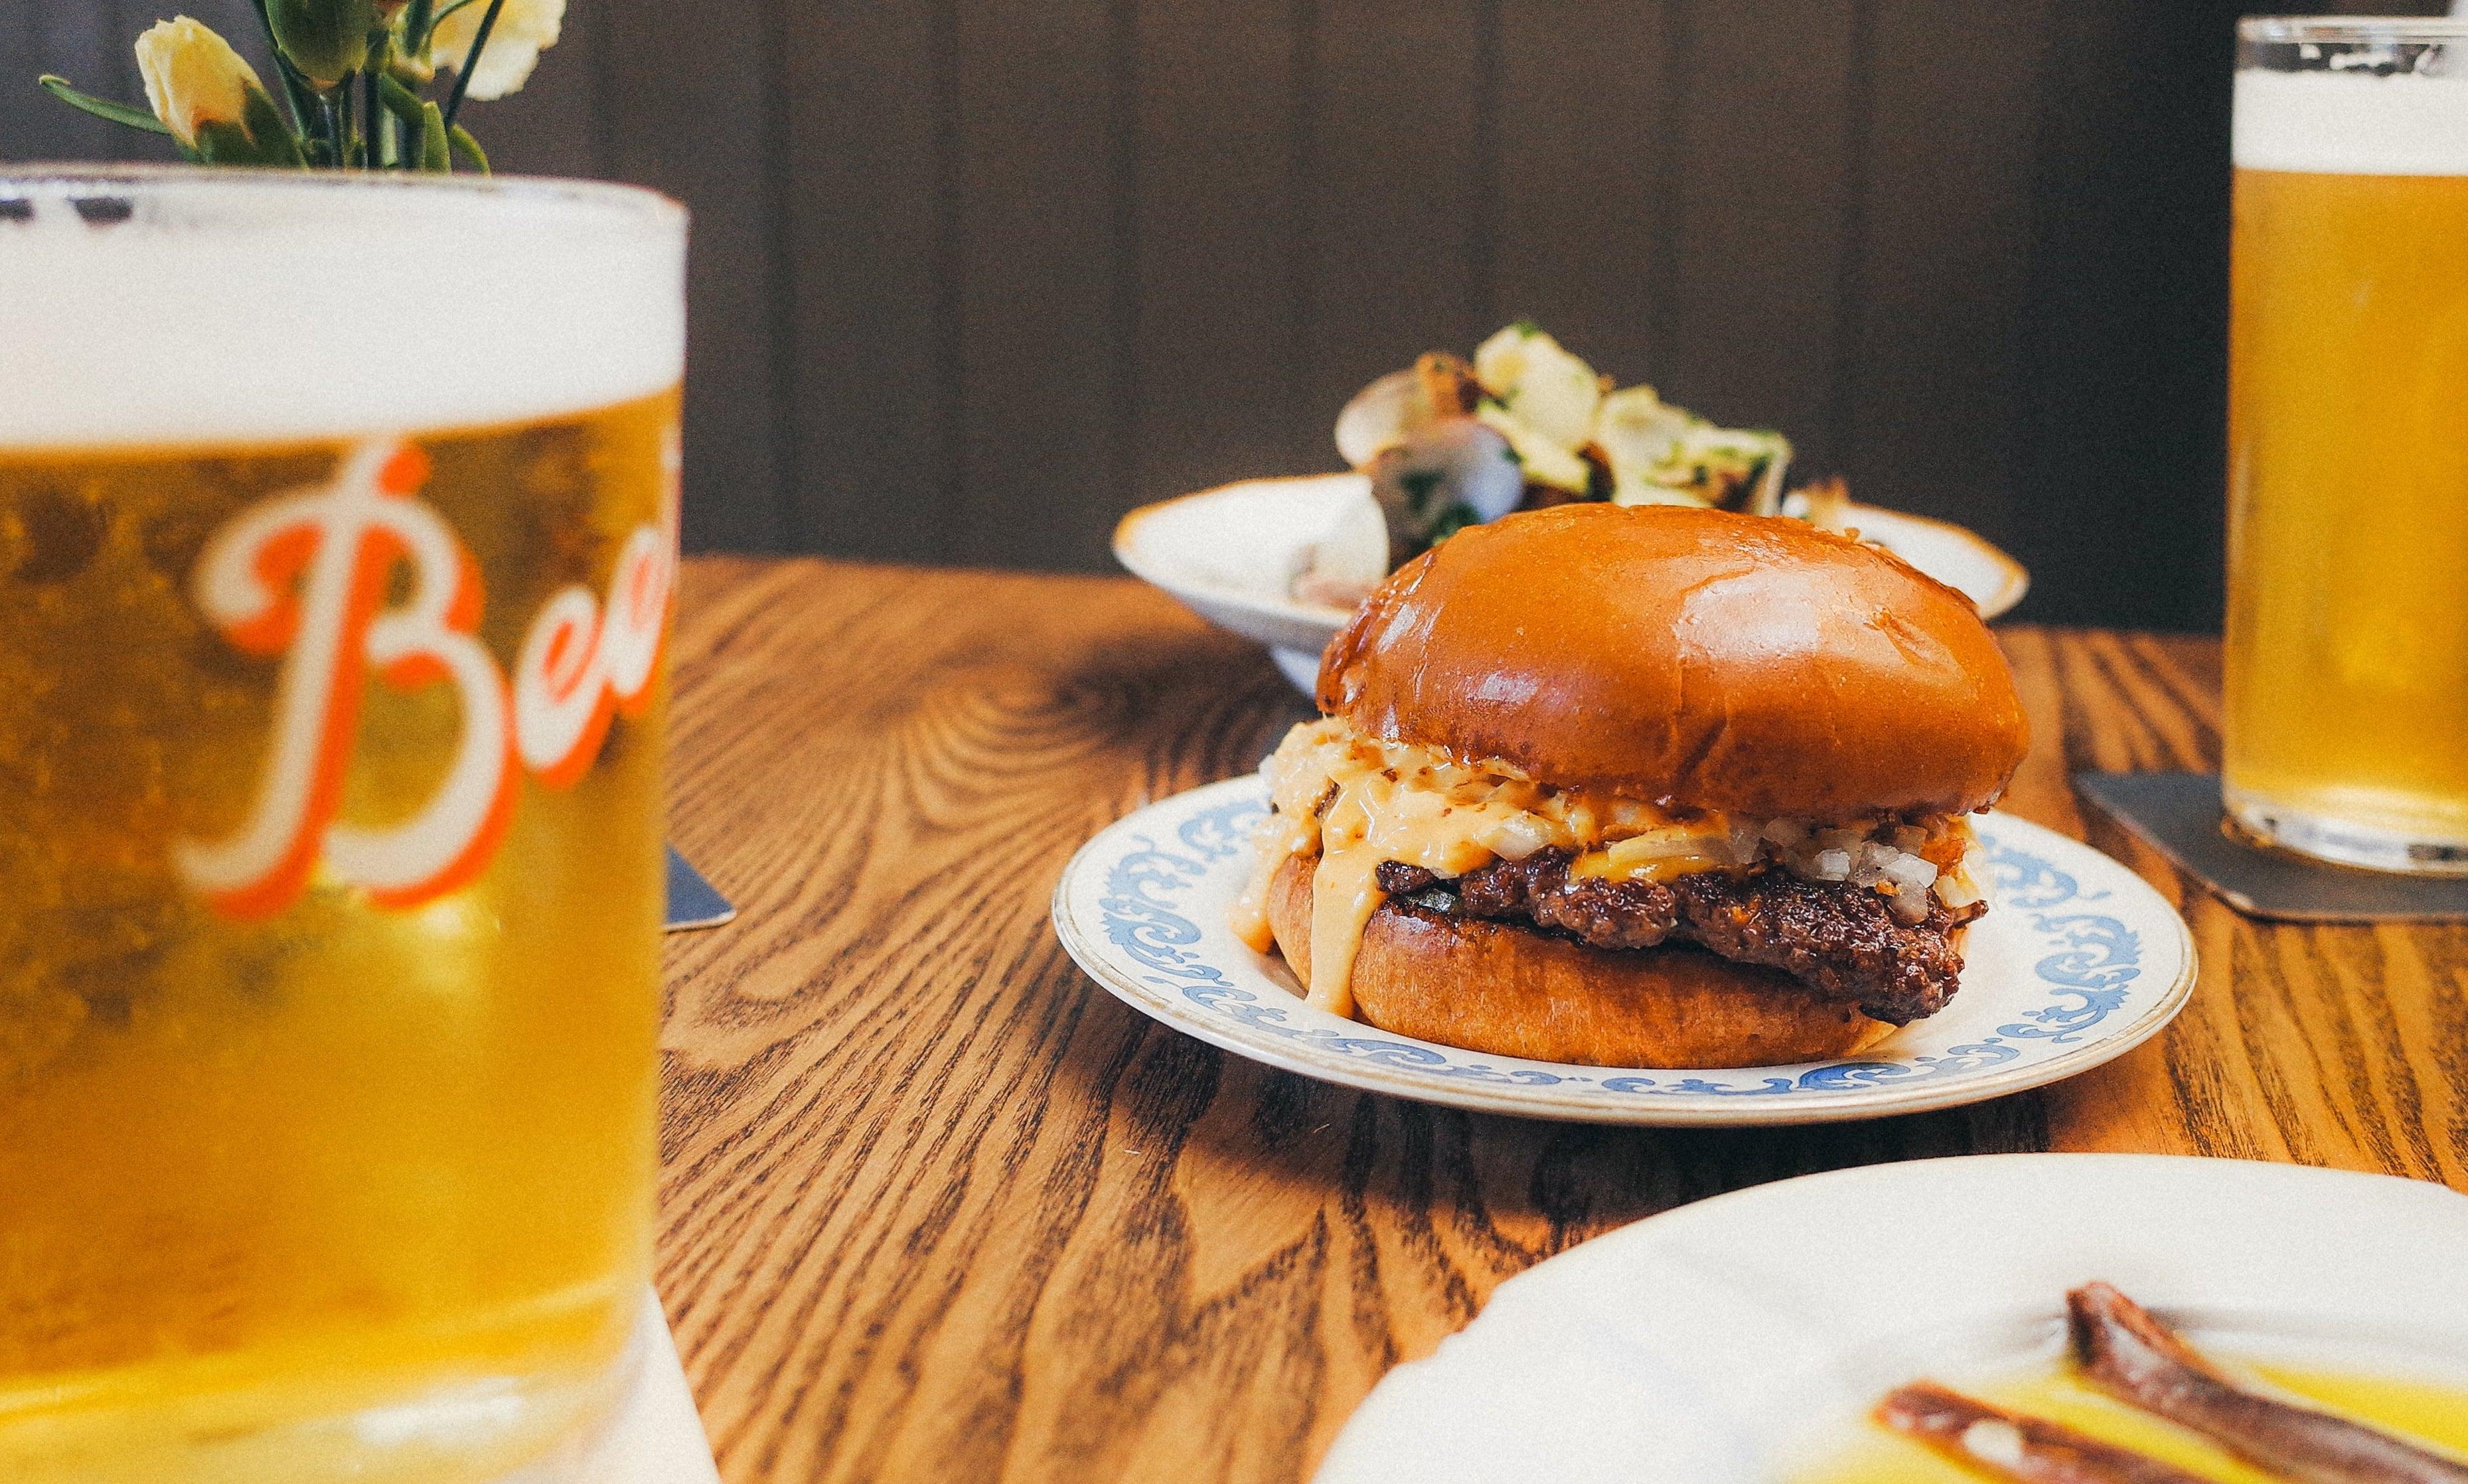 蓝花镶边的盘子上放着一个芝士汉堡,木桌上放着几品脱啤酒